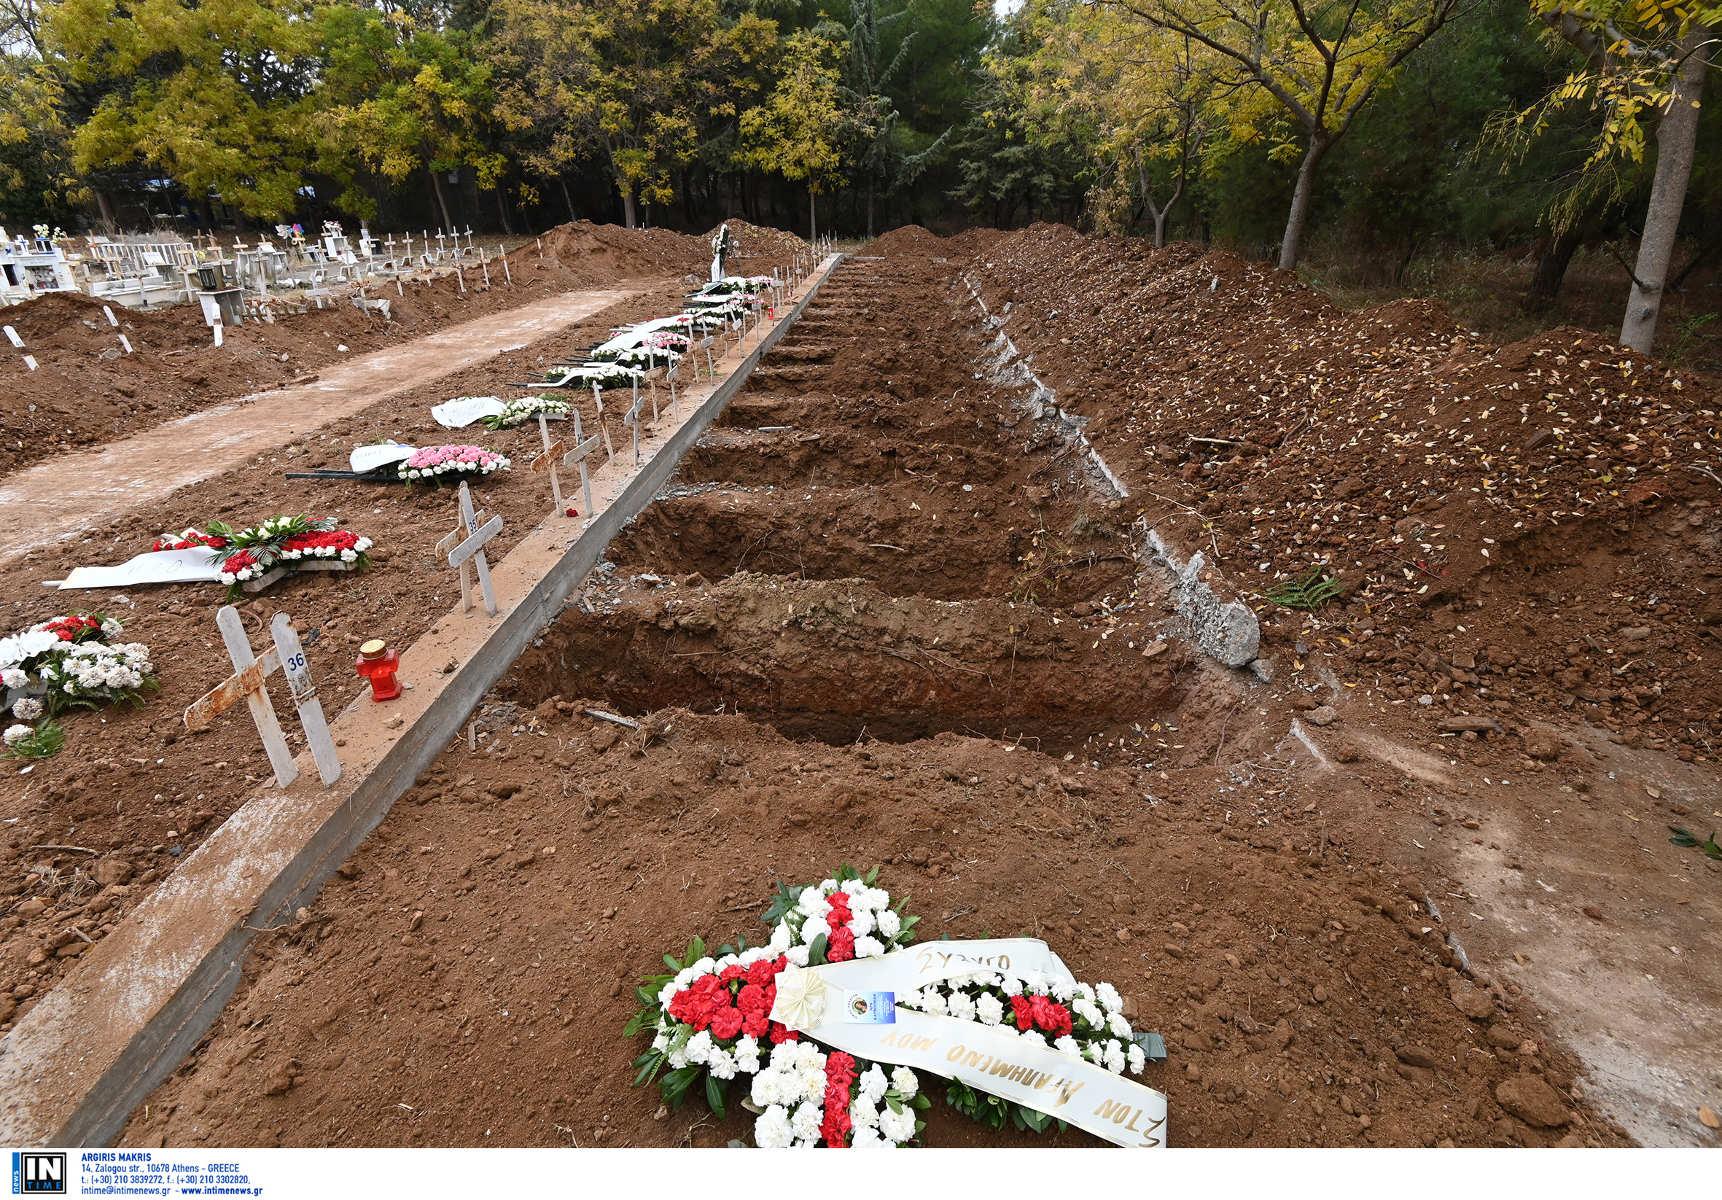 Κορονοϊός: Εικόνες σοκ στα νεκροταφεία της Θεσσαλονίκης – Αμέτρητοι τάφοι για τα θύματα της πανδημίας